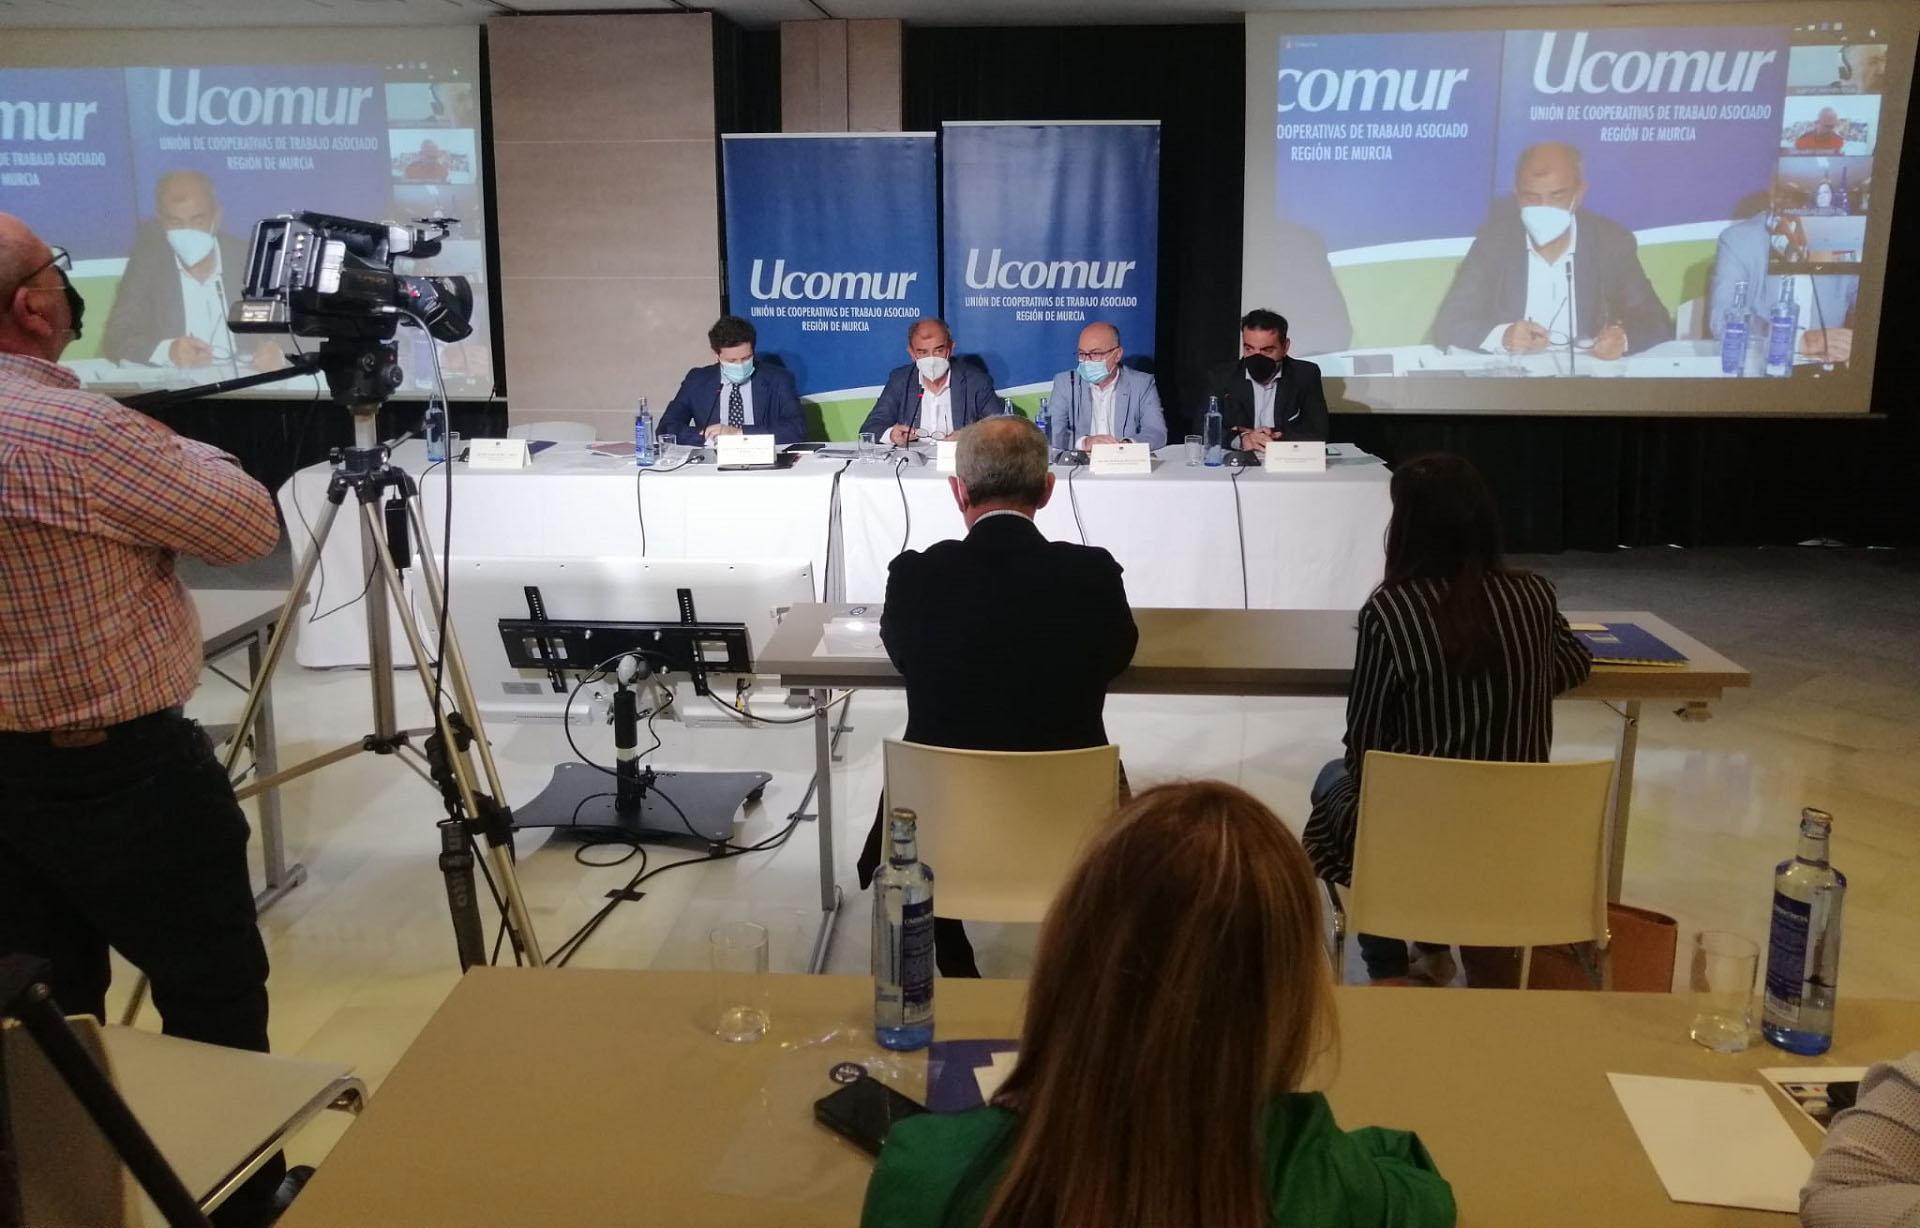 Ucomur allana el camino para la transformación empresarial